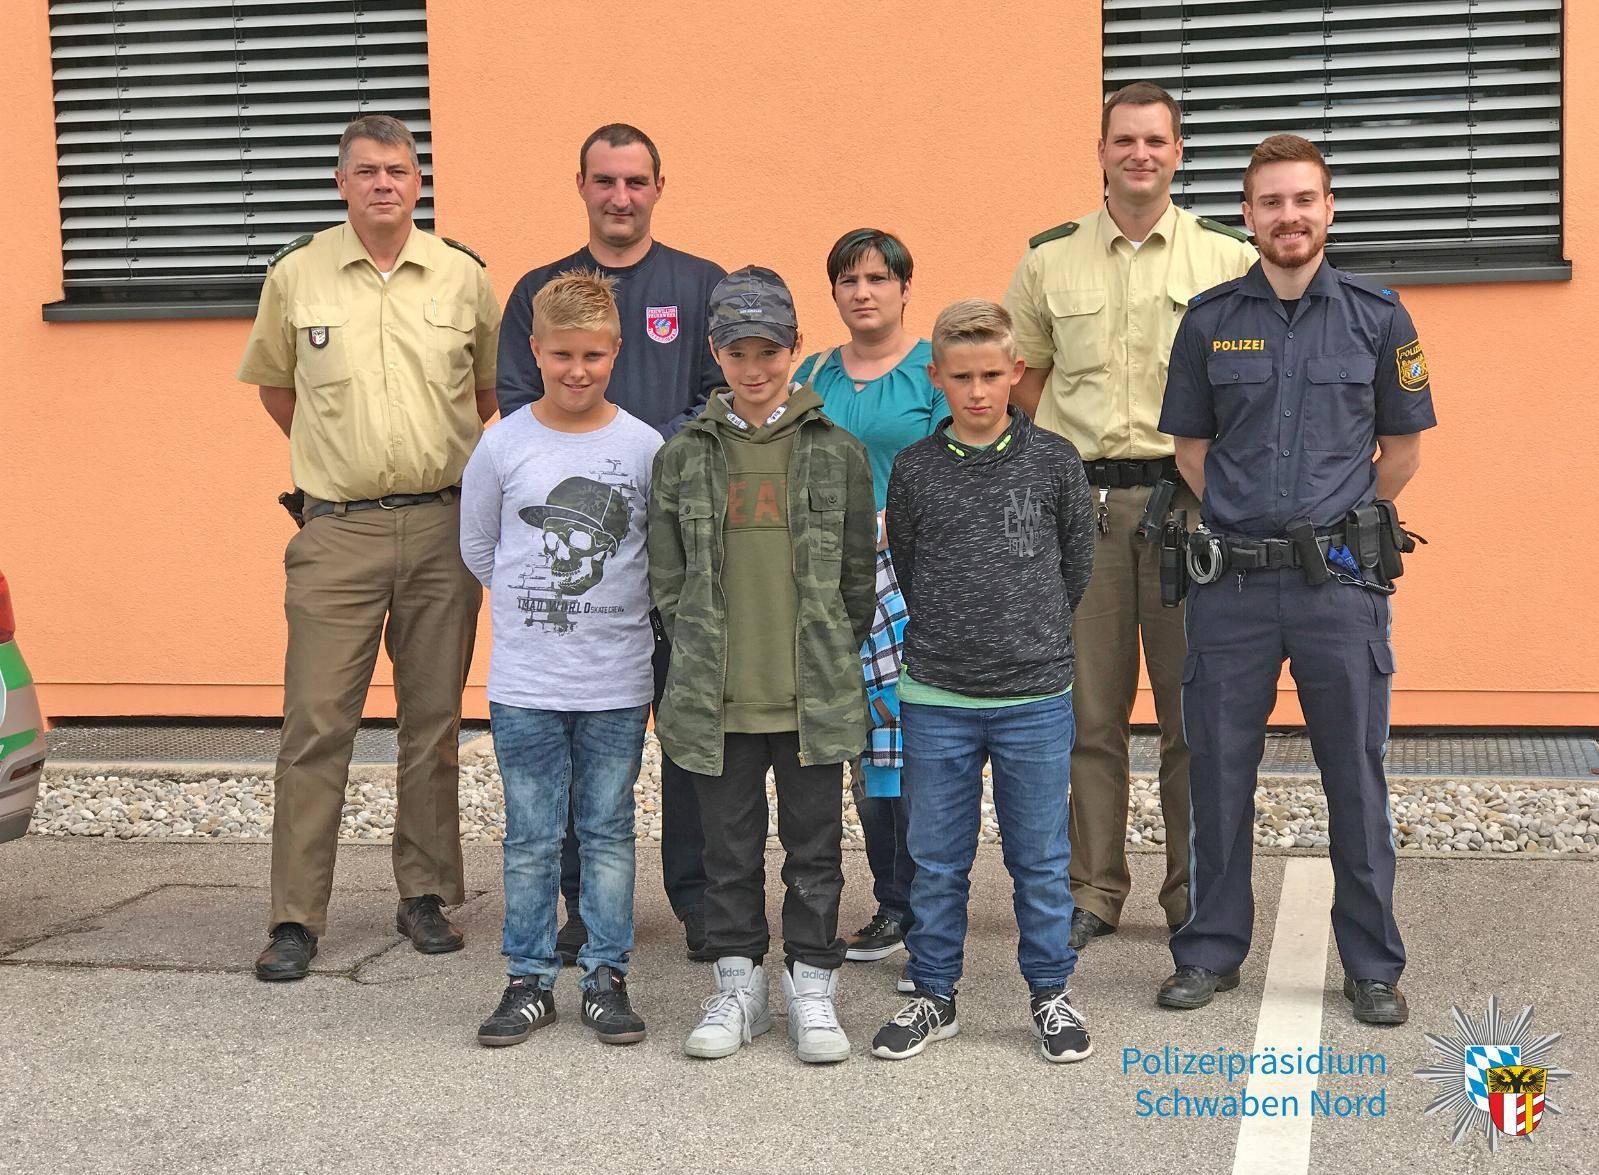 Polizei Gersthofen - Festnahme Ladendieb